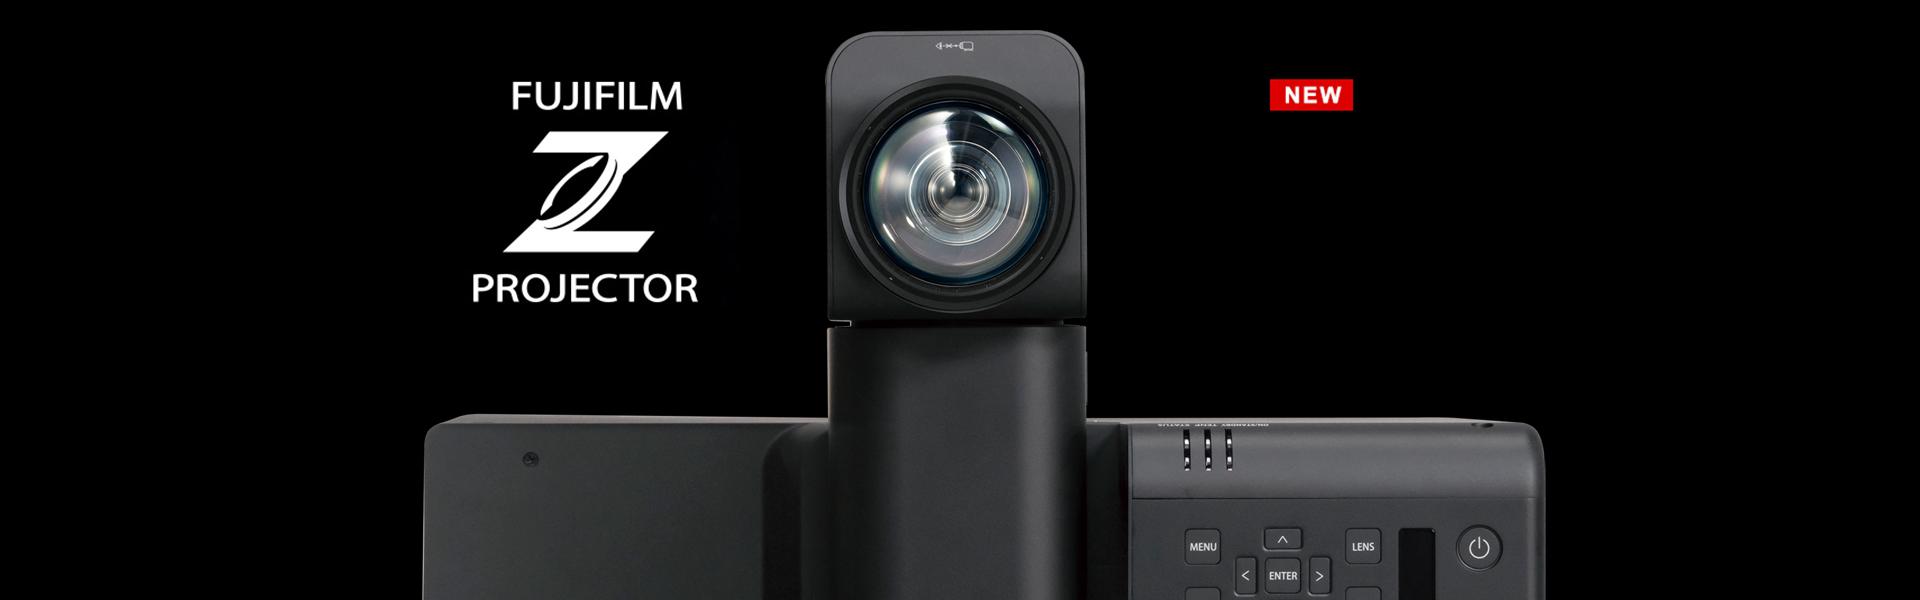 [fotografia] Projetor Fujifilm Z FP-Z8000